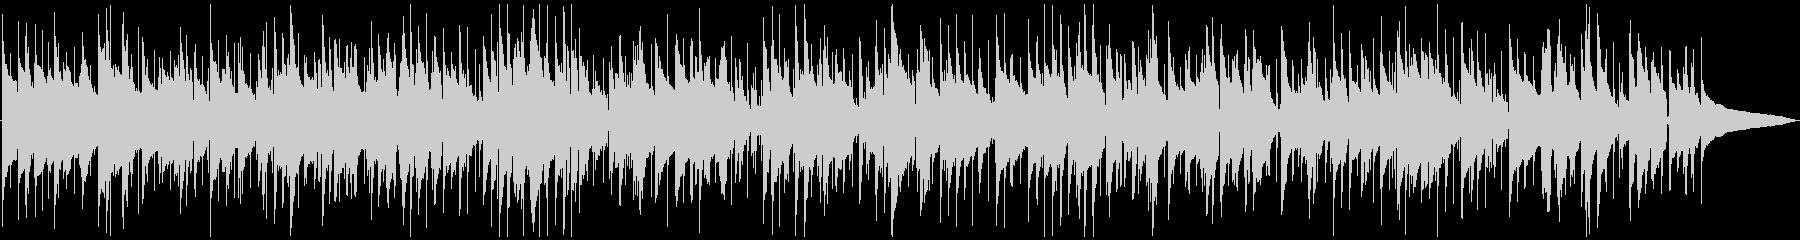 クールなスムースジャズバラードの未再生の波形